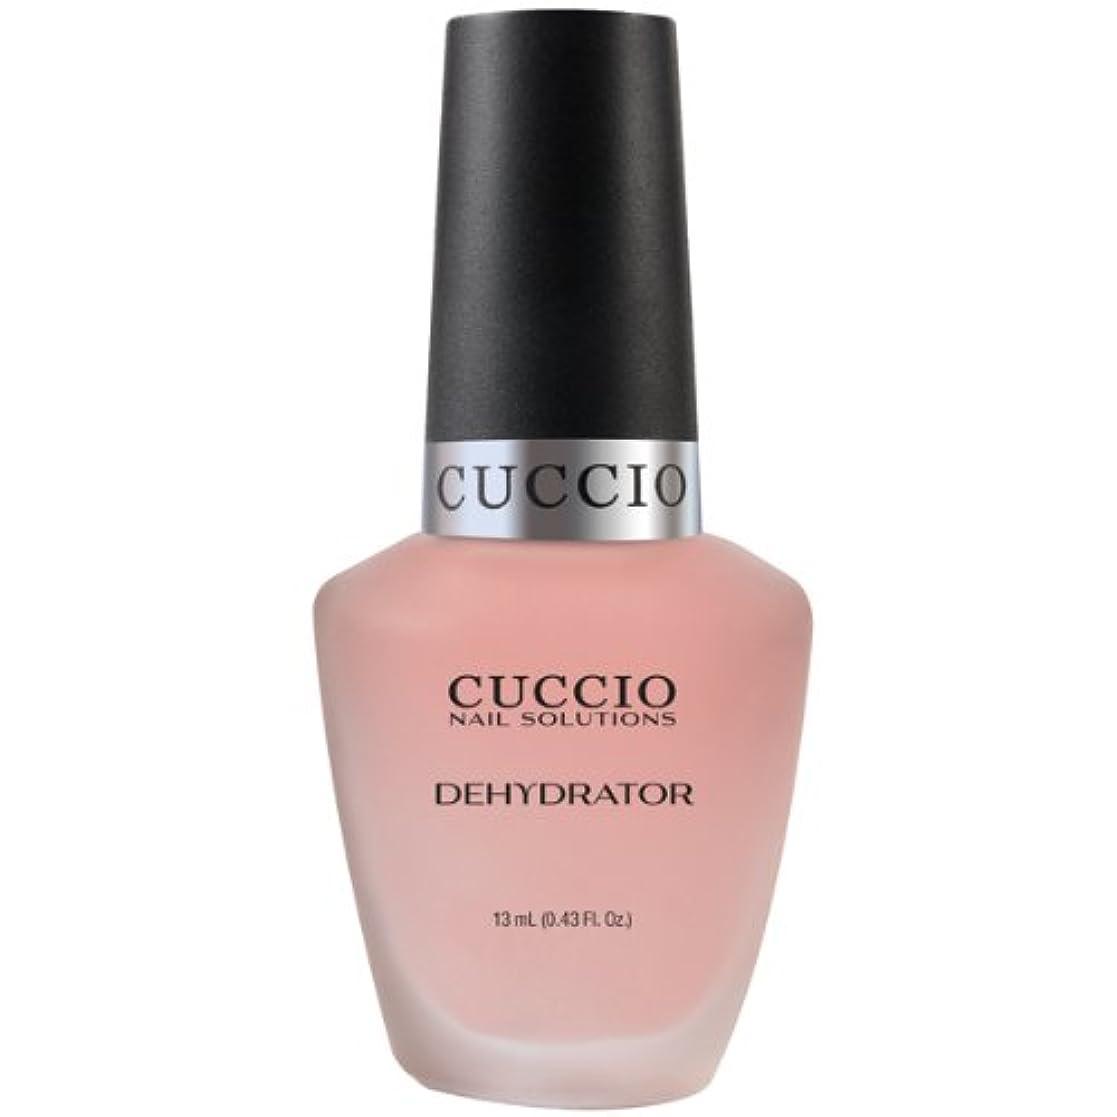 邪悪な憧れ謝罪するCuccio Nail Treatments - Dehydrator - 0.43oz / 13ml